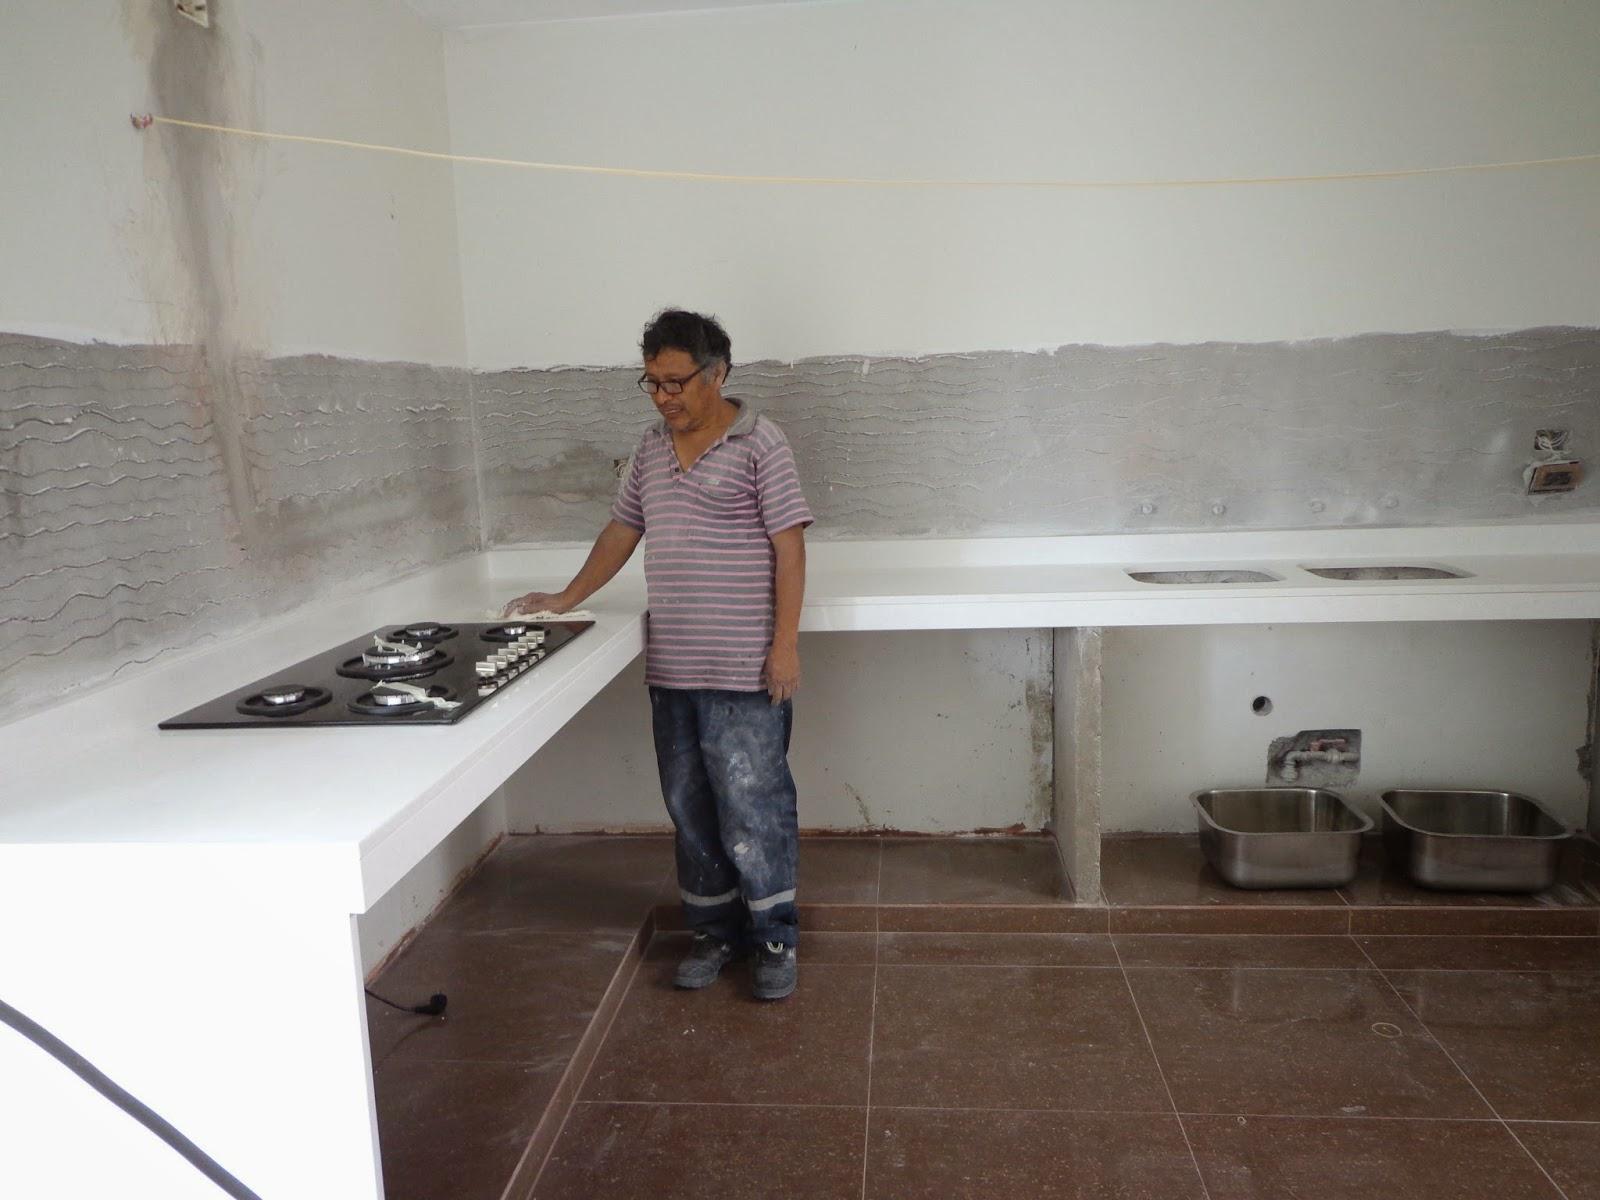 Cubiertas topes encimeras cocina granito marmol cubiertas for Marmoles y granitos naturales